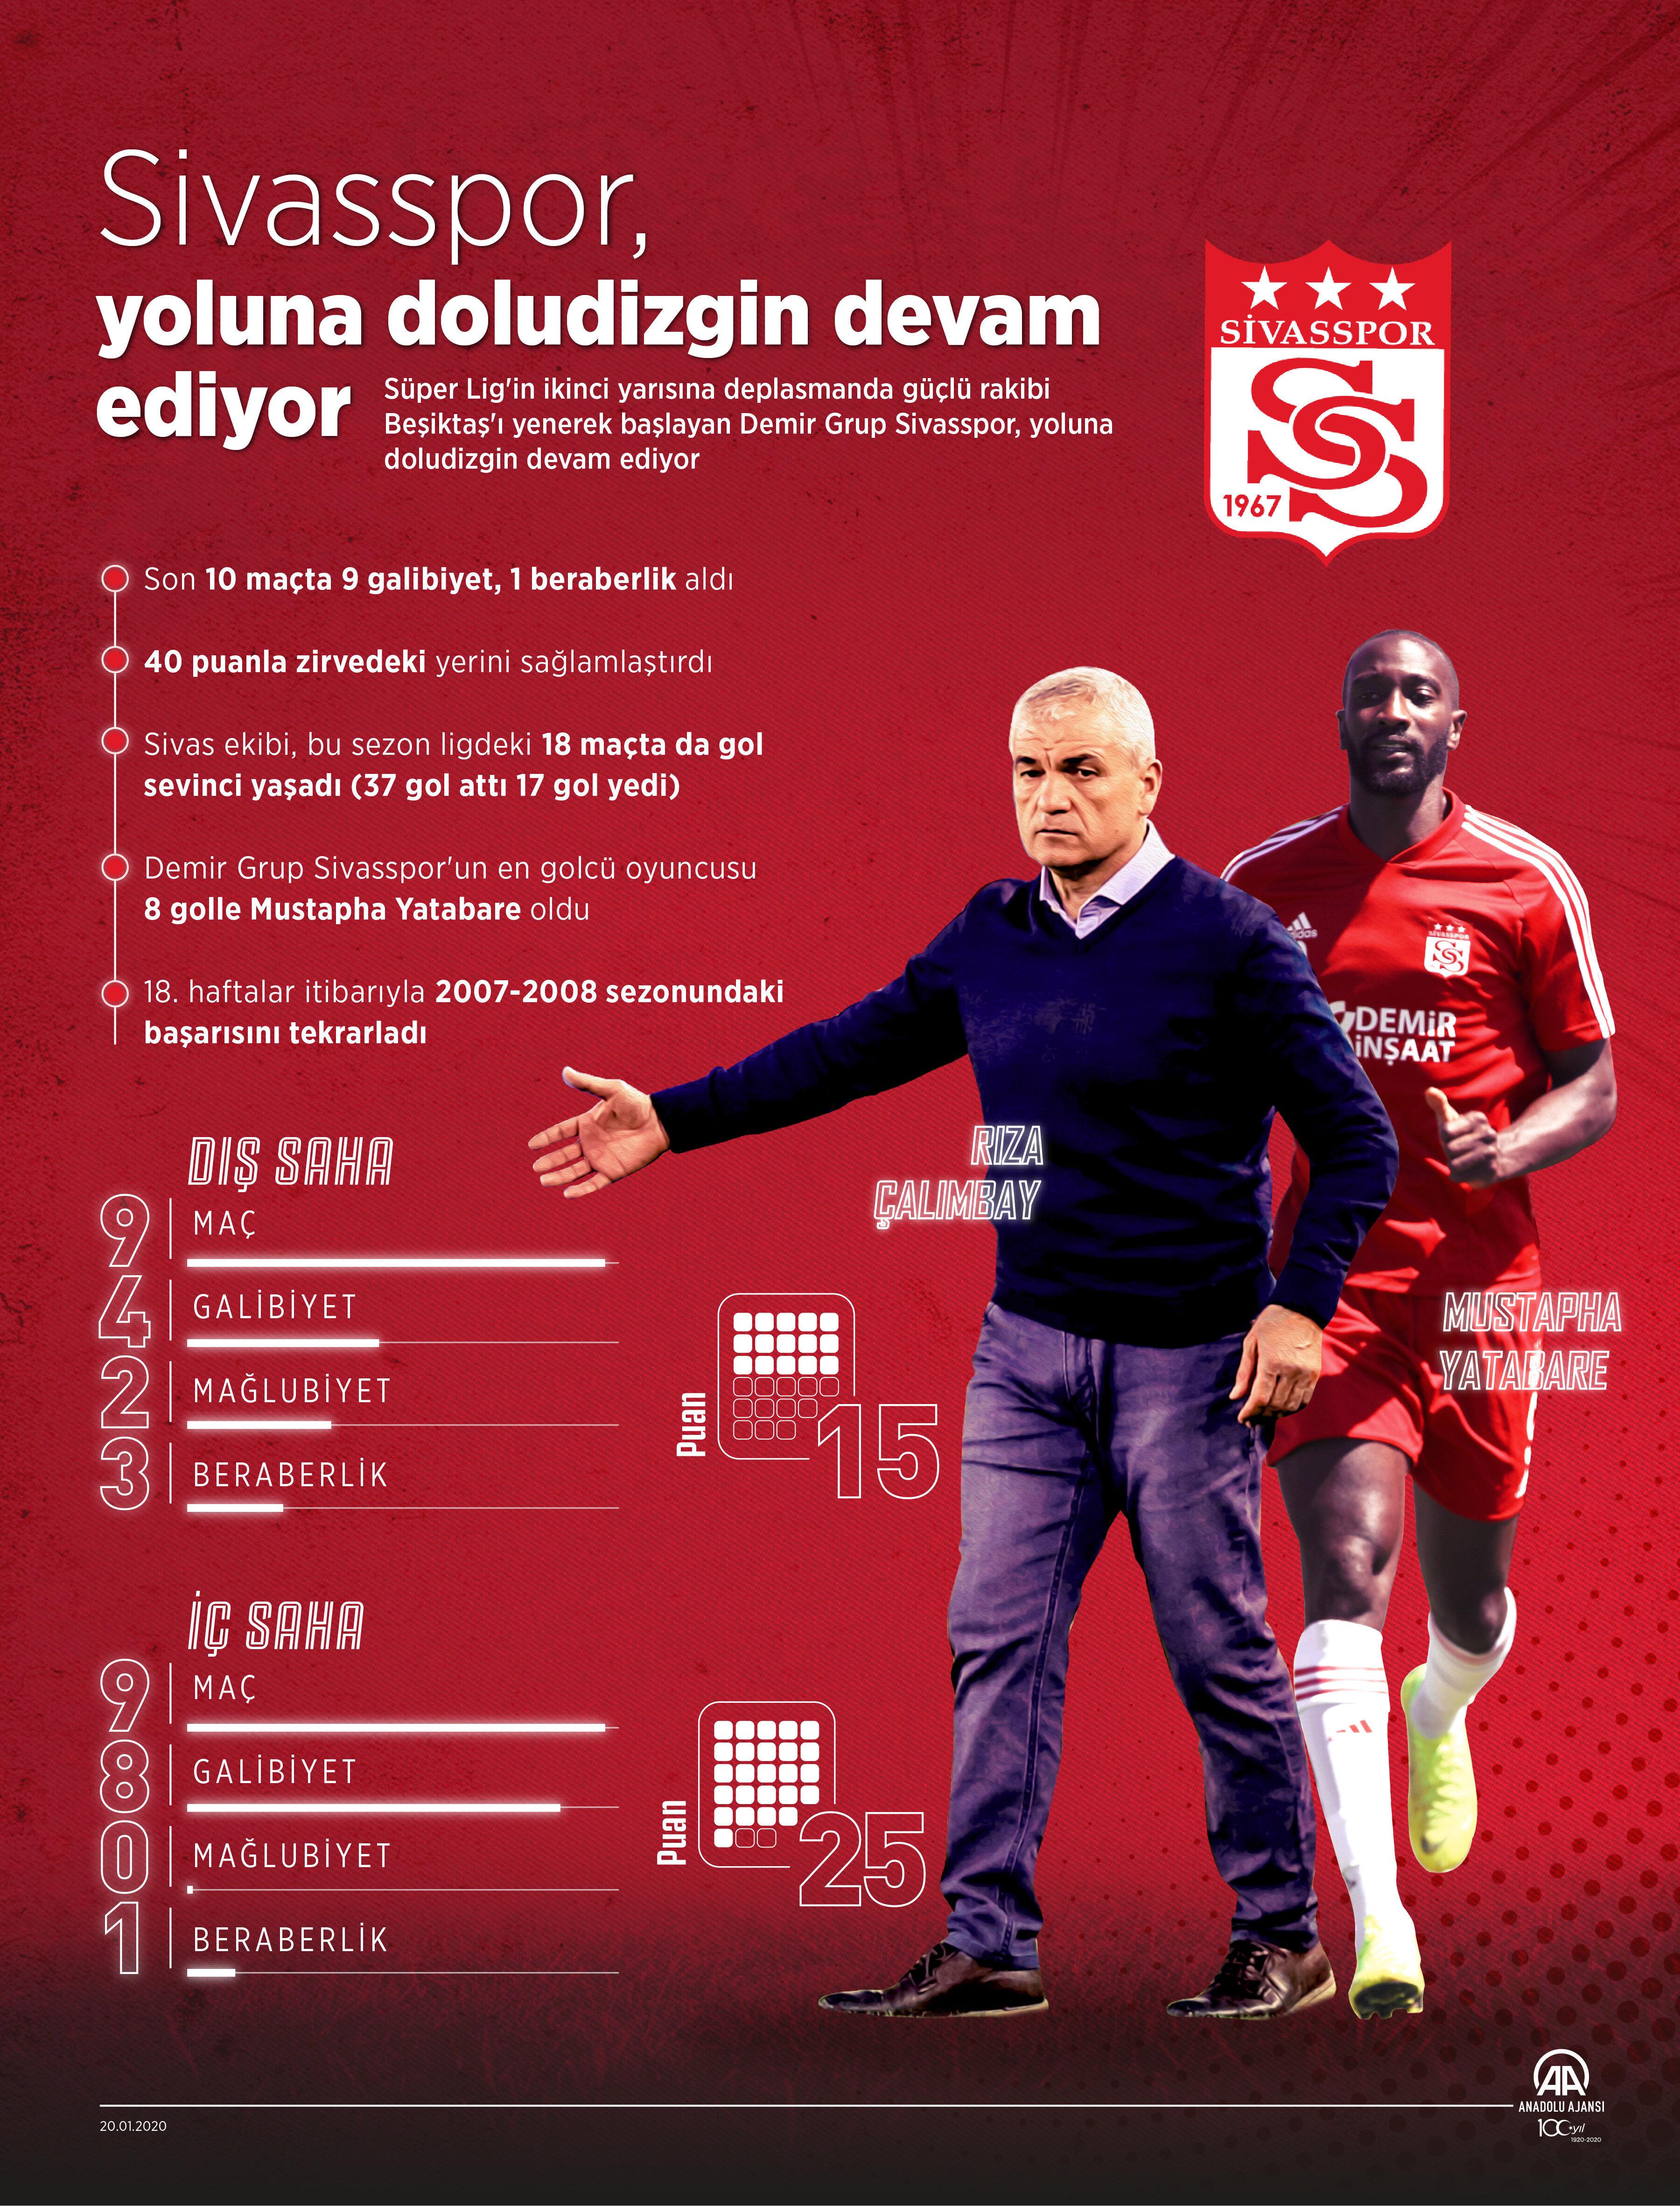 Süper Lig'in ikinci yarısına deplasmanda güçlü rakibi Beşiktaş'ı yenerek başlayan Demir Grup Sivasspor, yoluna doludizgin devam ediyor.